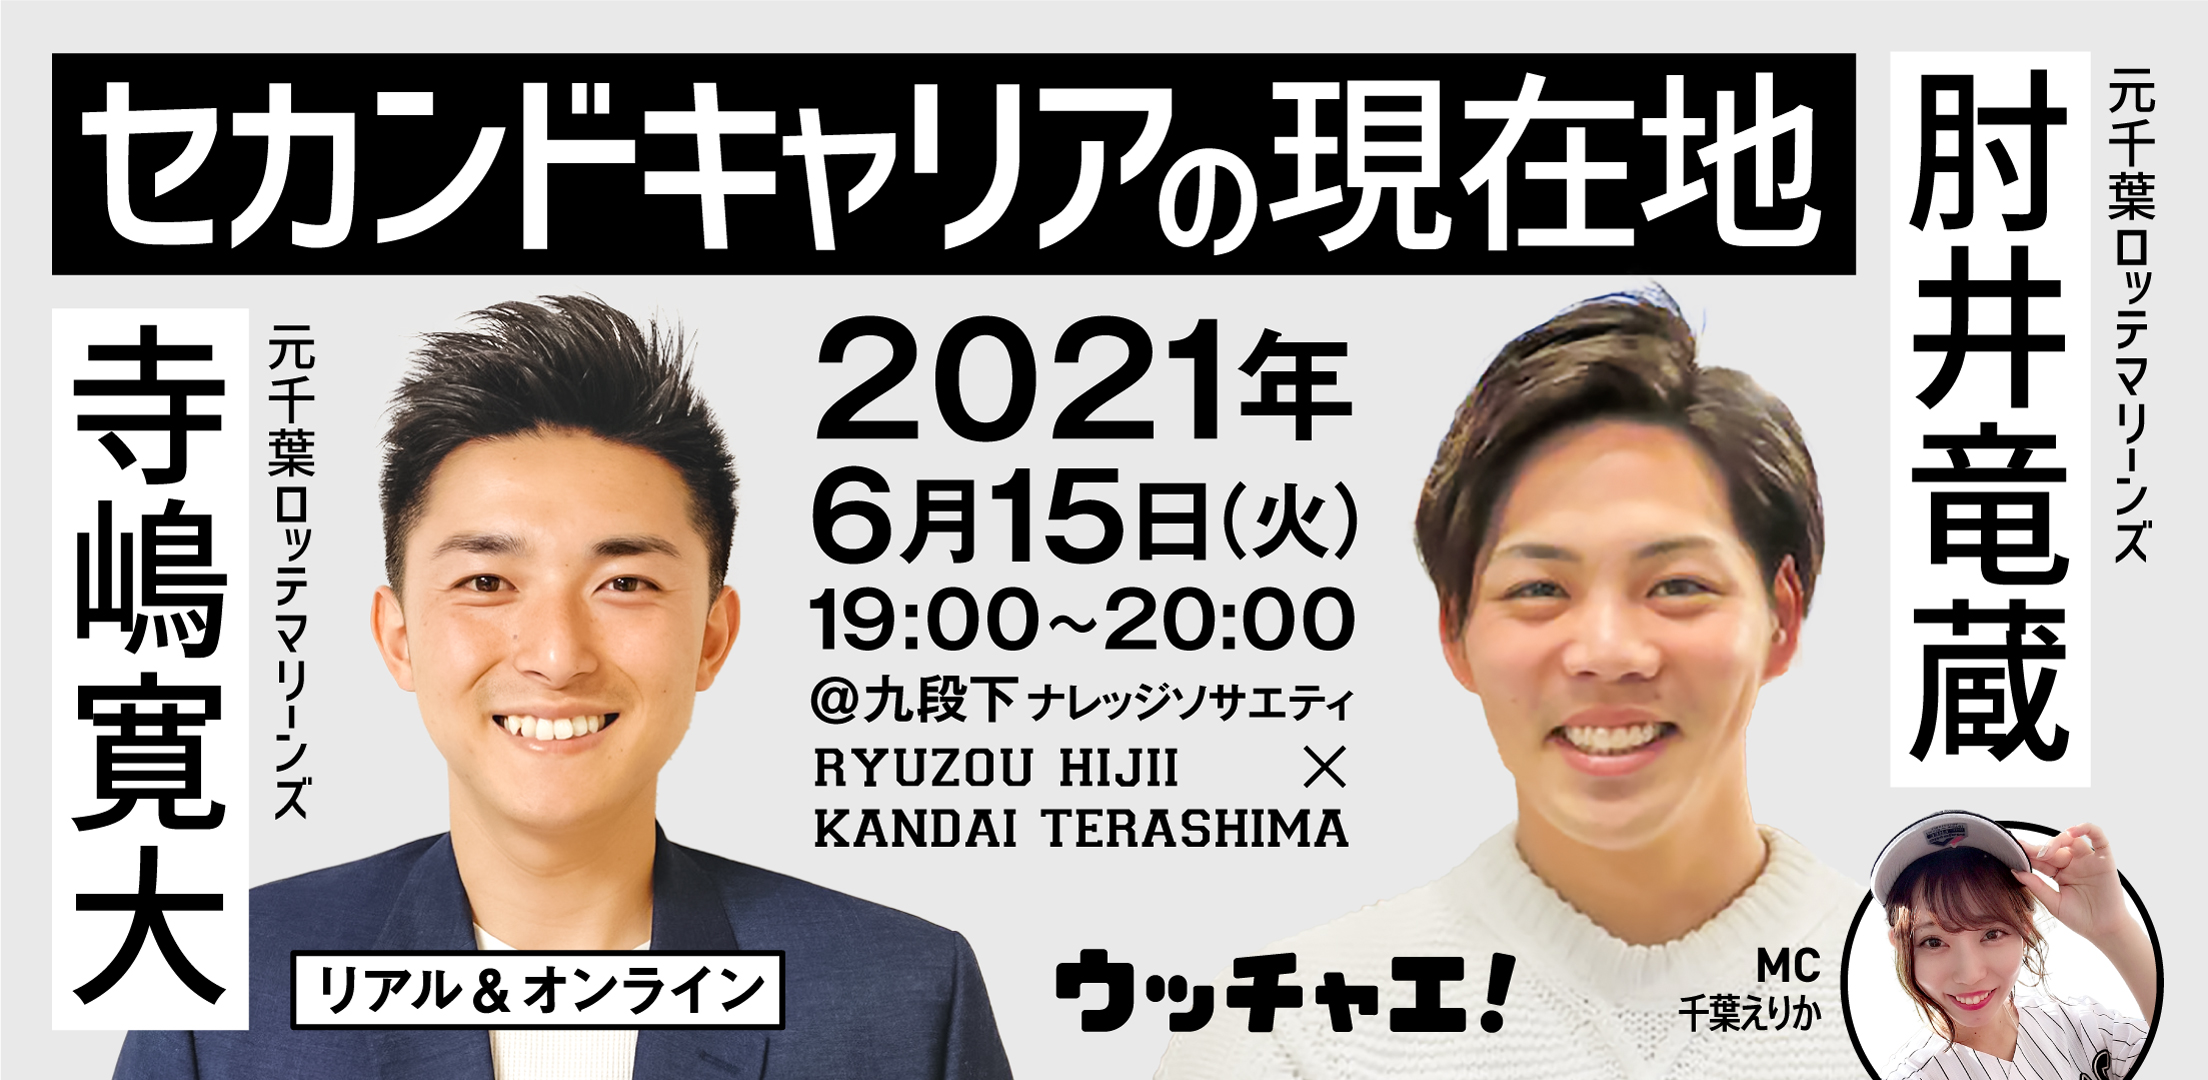 肘井竜蔵×寺嶋寛大ダブルトークイベント〜セカンドキャリアの現在地〜